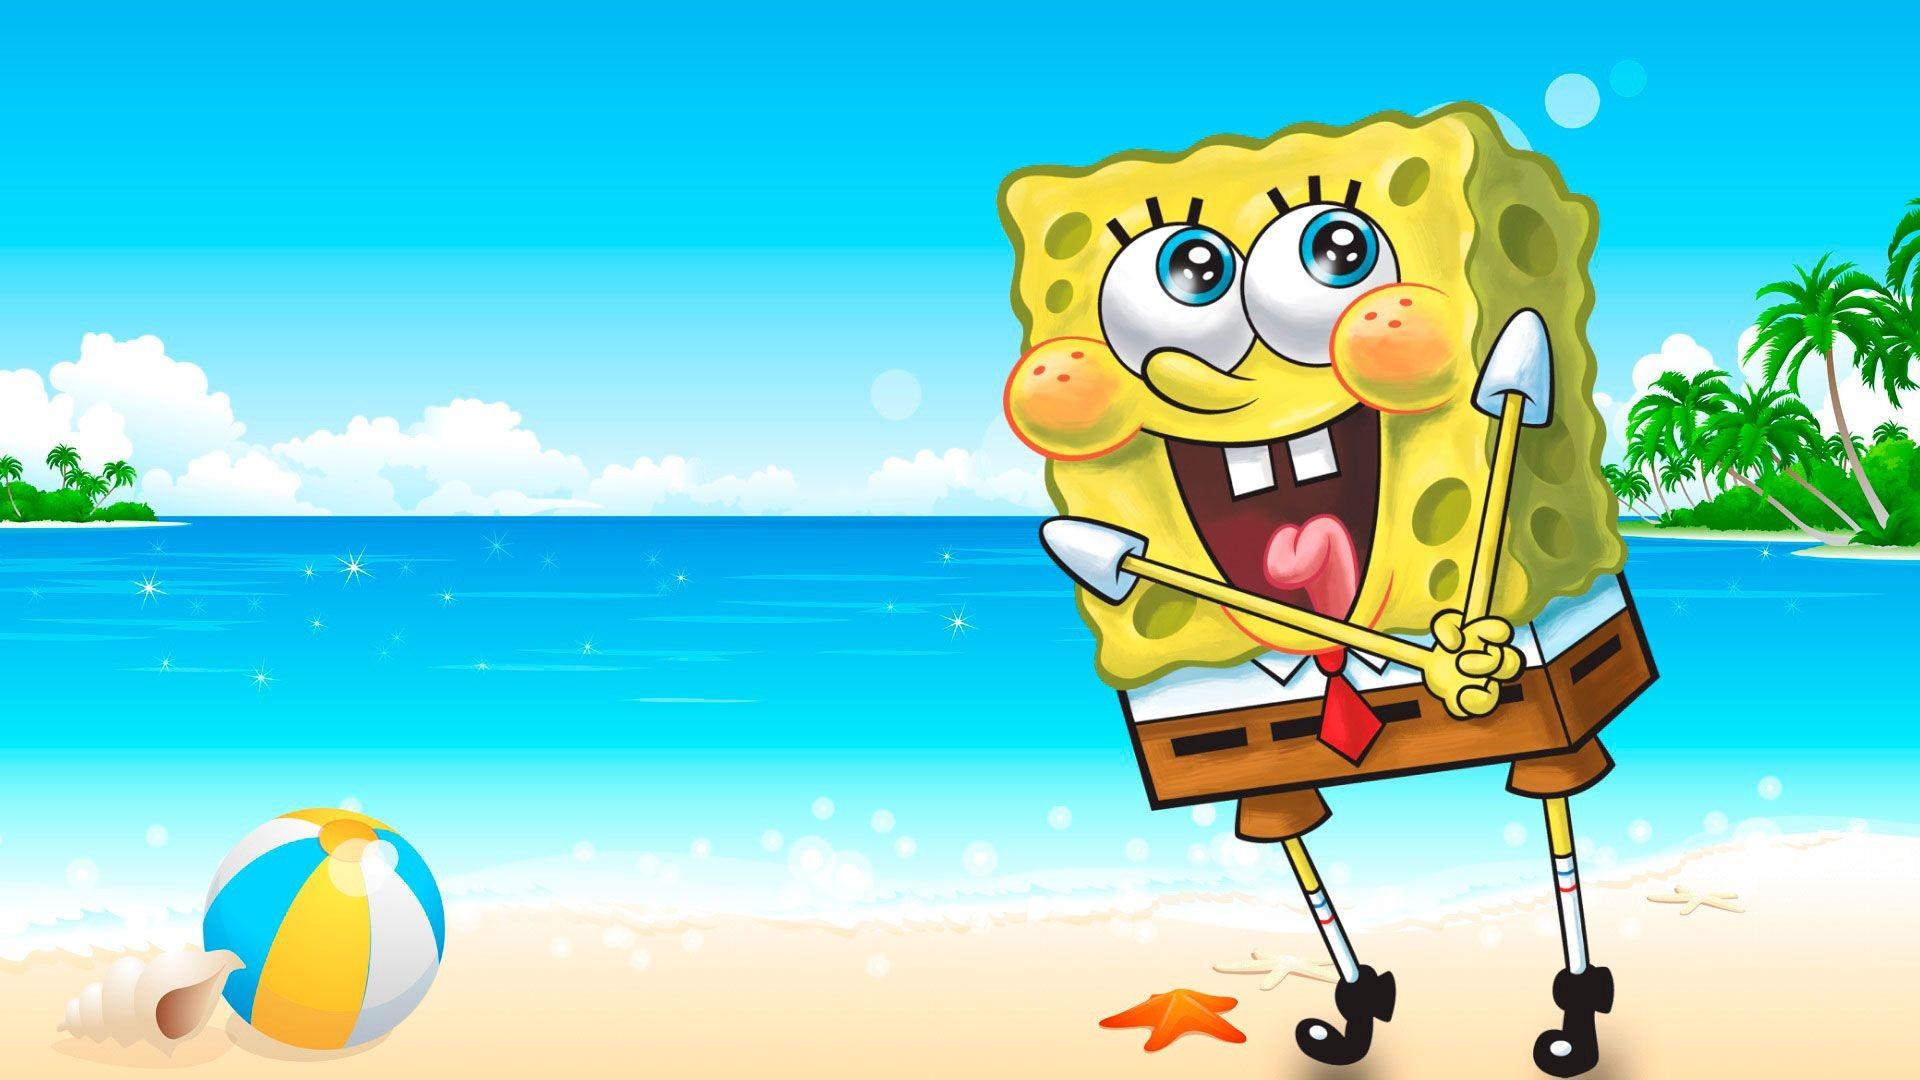 Spongebob Wallpapers Hd: Spongebob Background (62+ Images